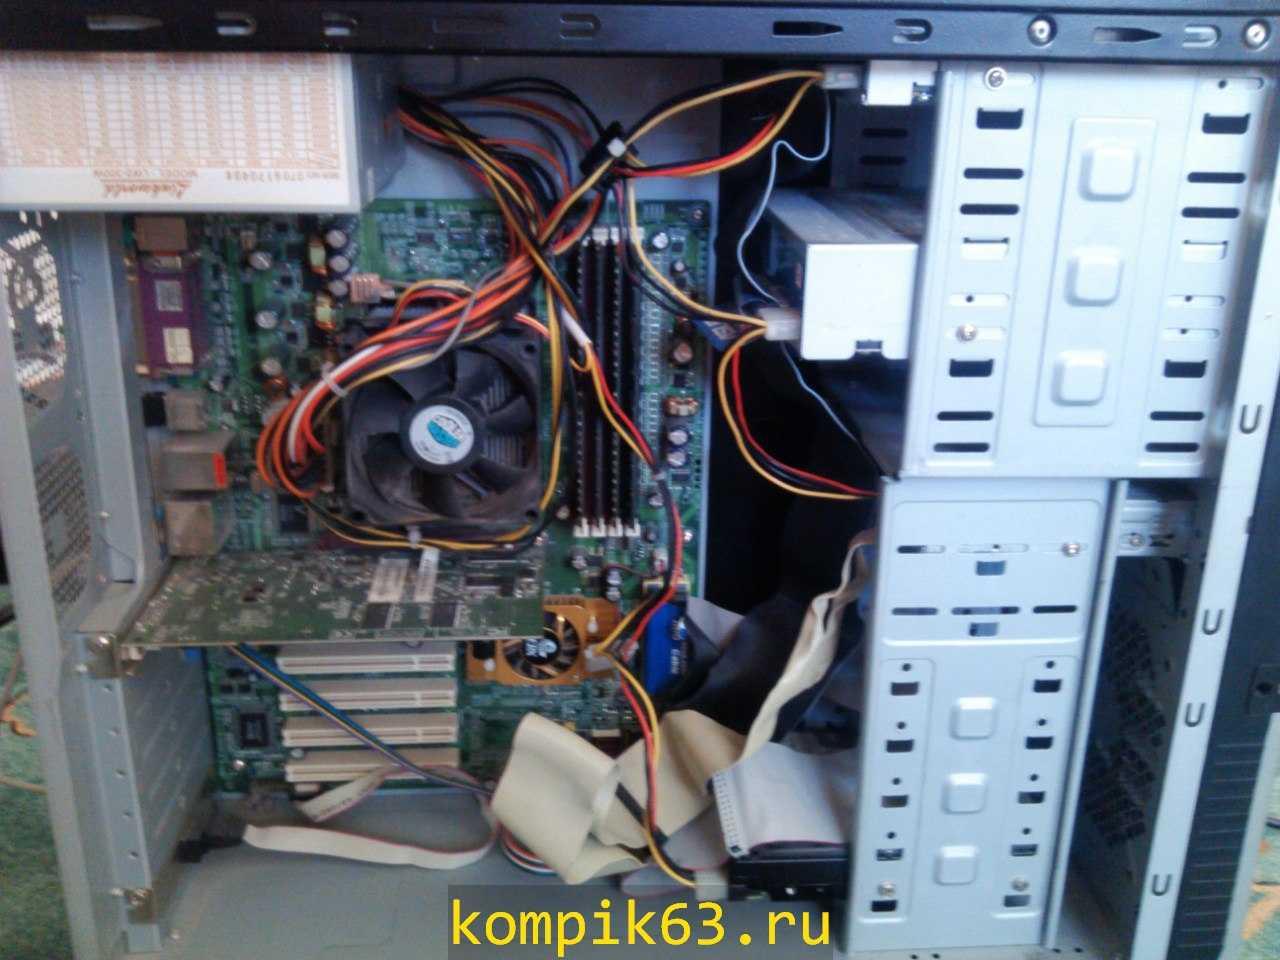 kompik63.ru-003